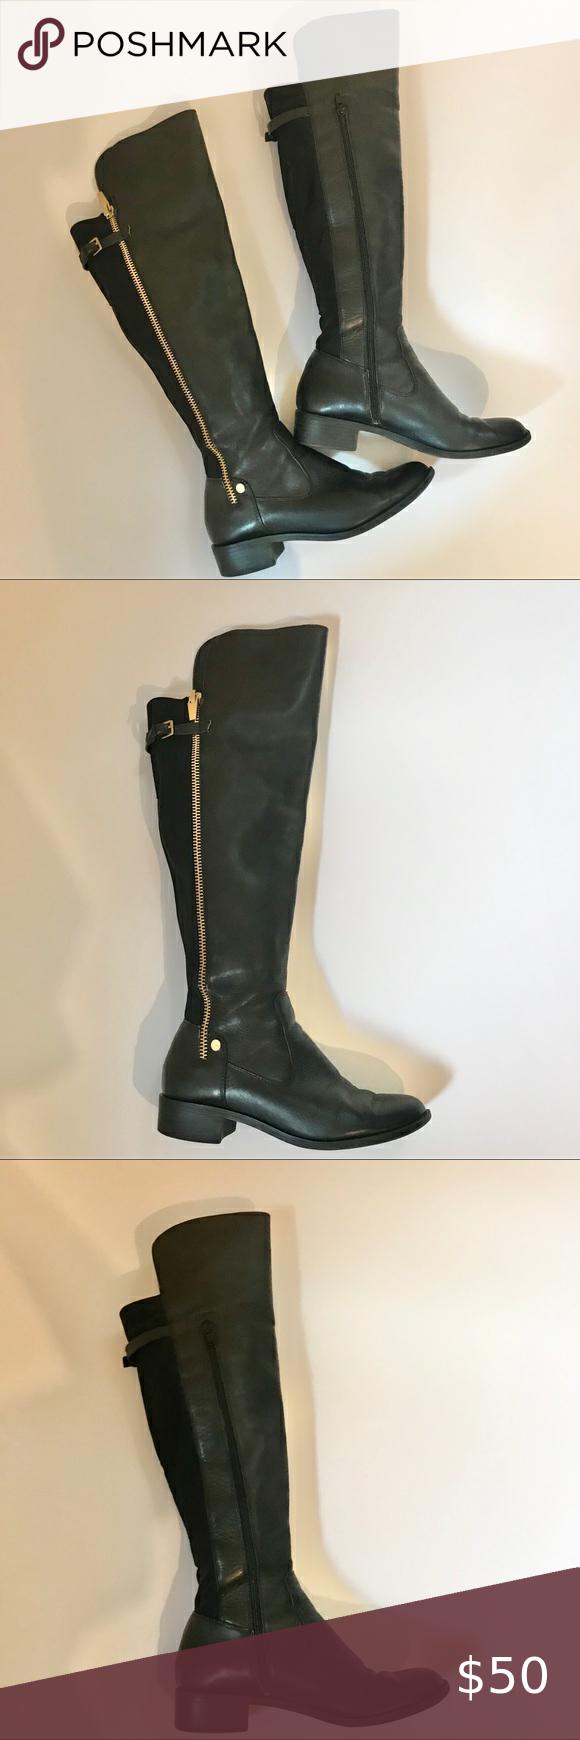 Black boots, Boots, Calvin klein shoes